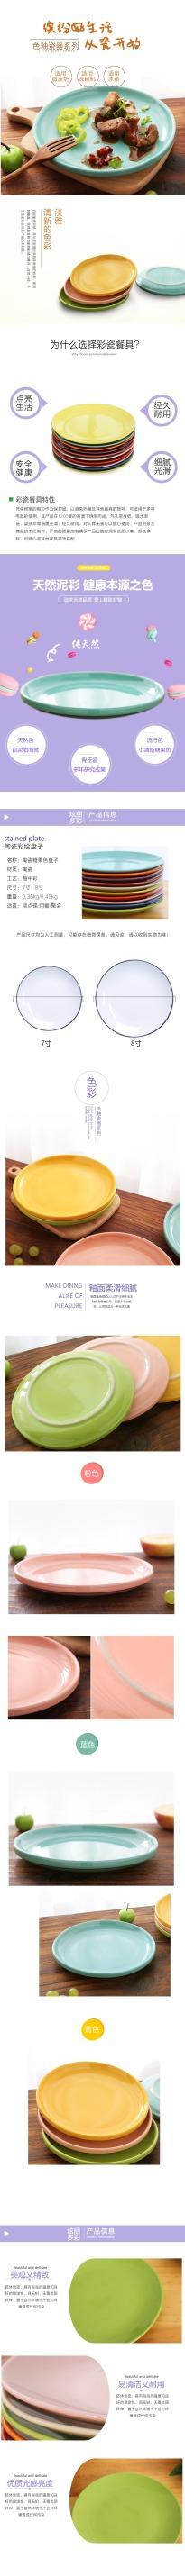 清新简约百货零售家居生活餐具瓷器促销电商详情页